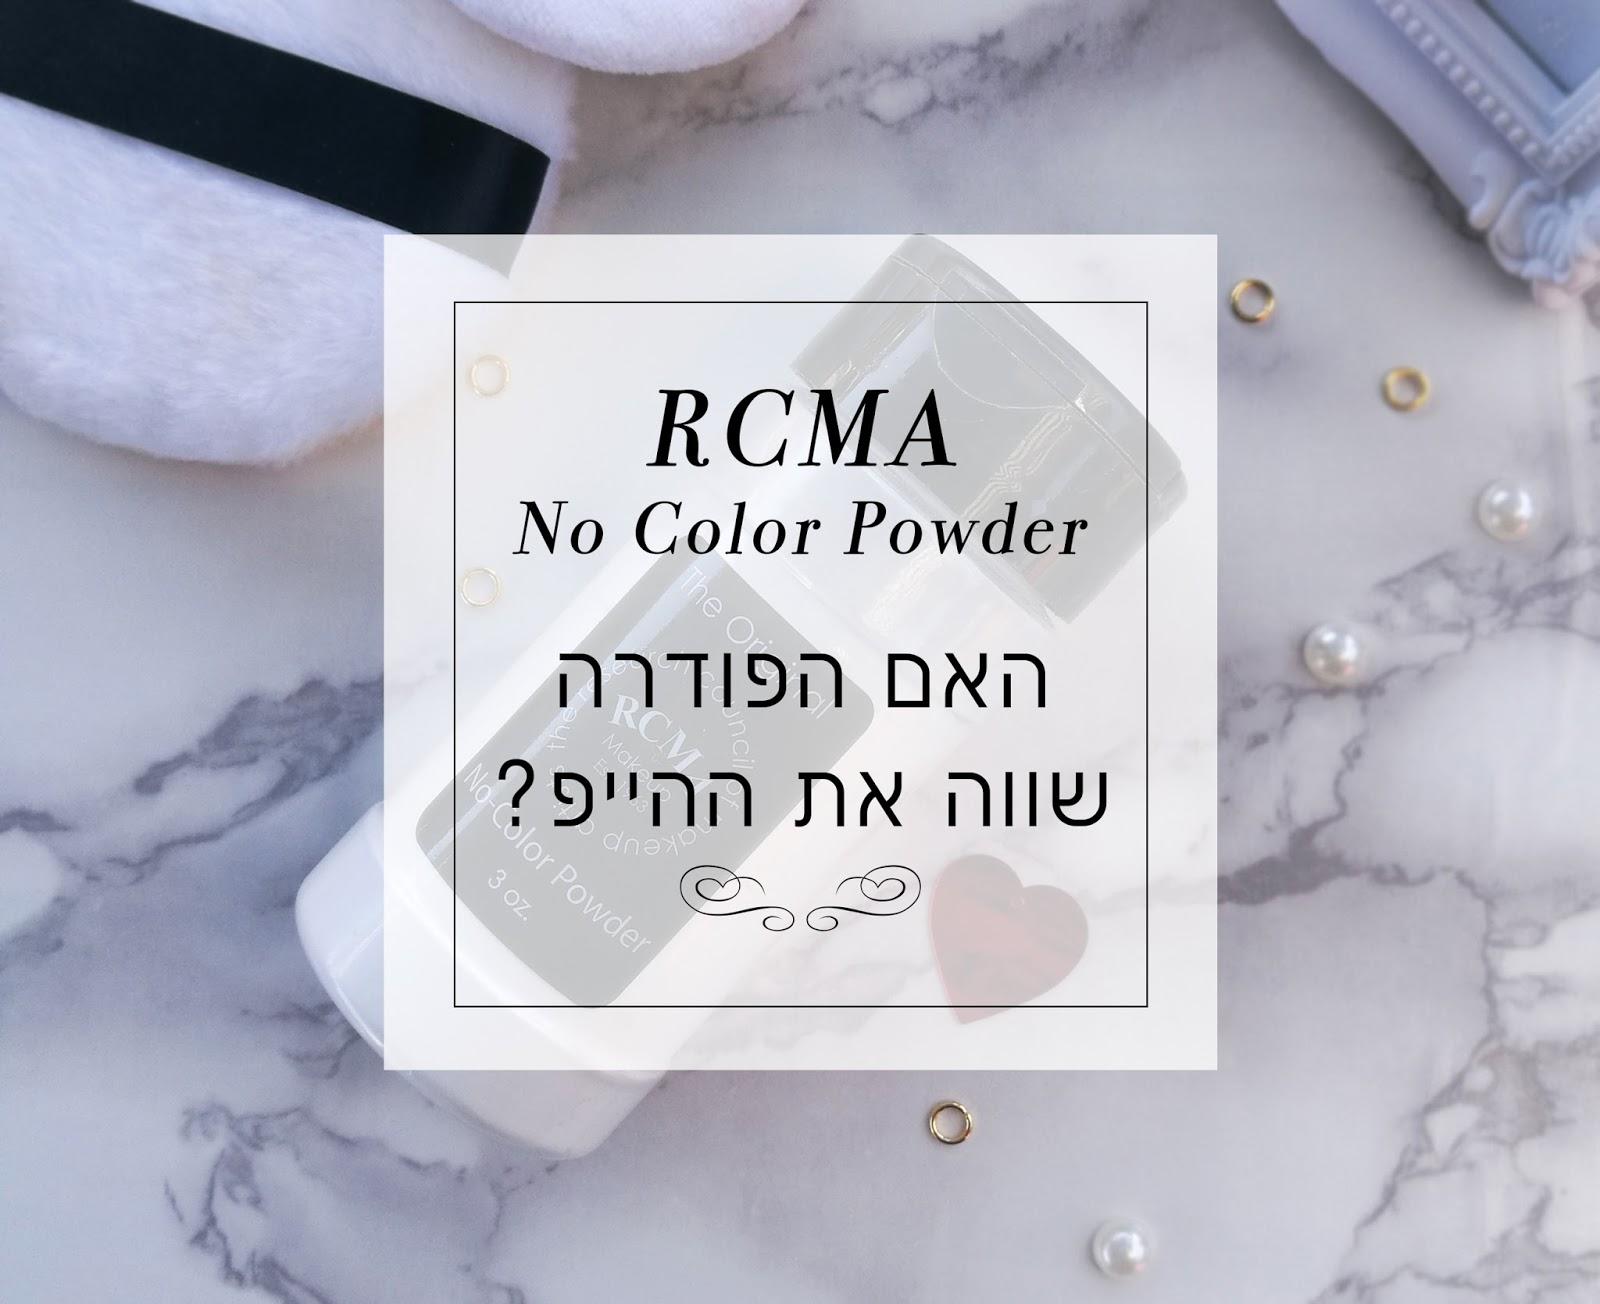 סקירת הפודרה של RCMA